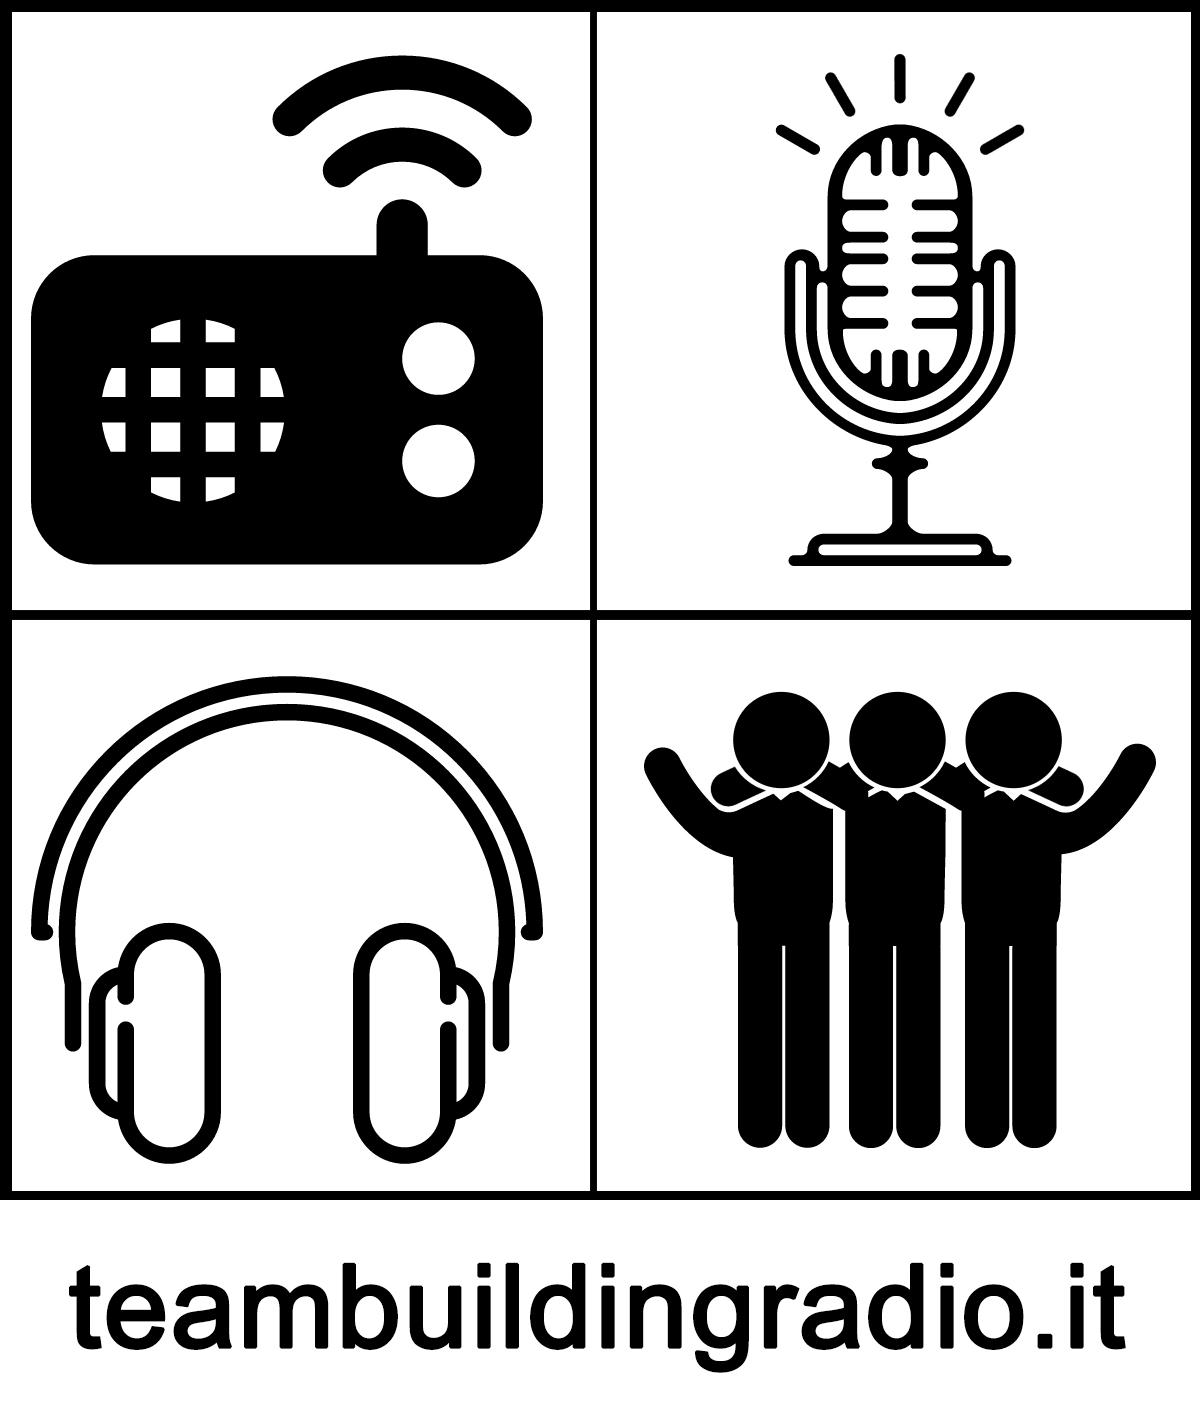 Teambuilding Radio